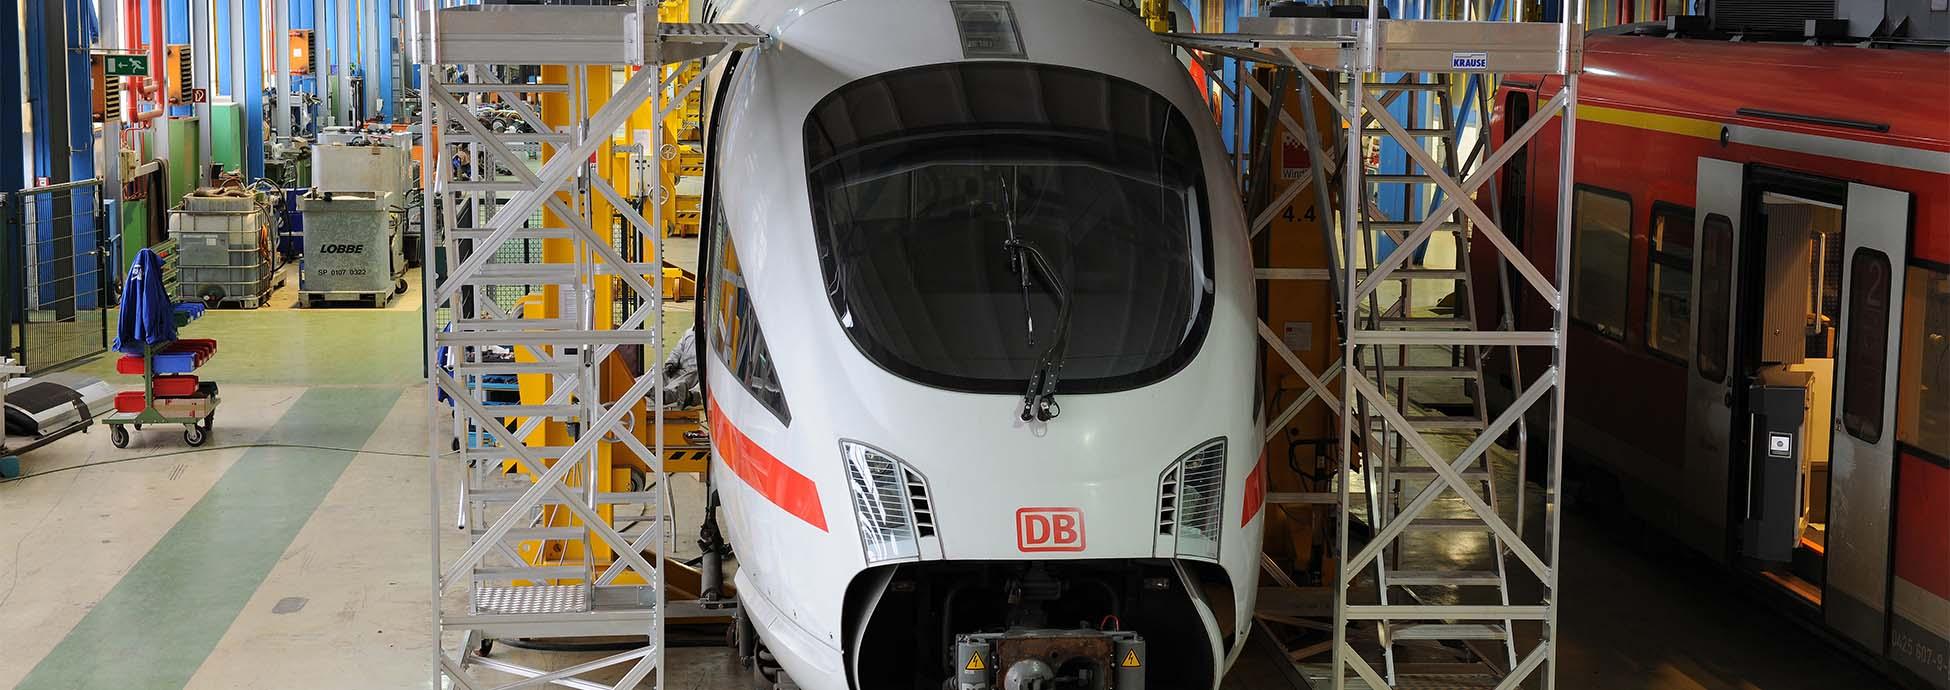 Передвижная рабочая платформа для технического обслуживания поездов